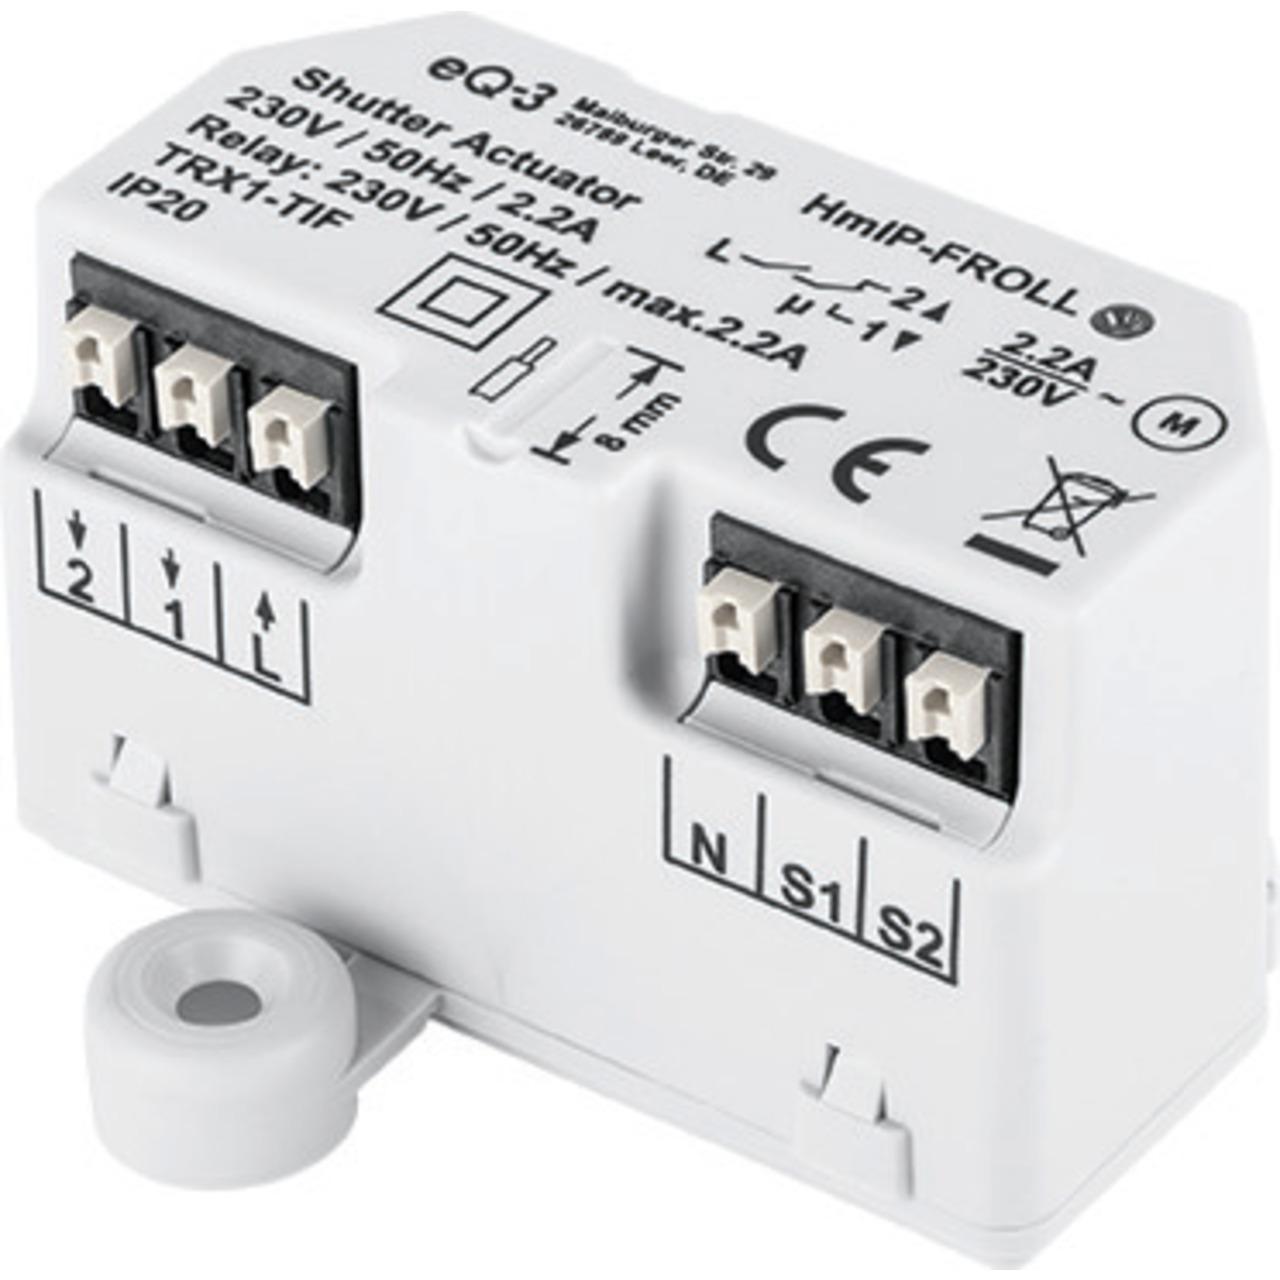 Homematic IP Smart Home Rollladenaktor HmIP-FROLL – Unterputz, auch für Markisen geeignet